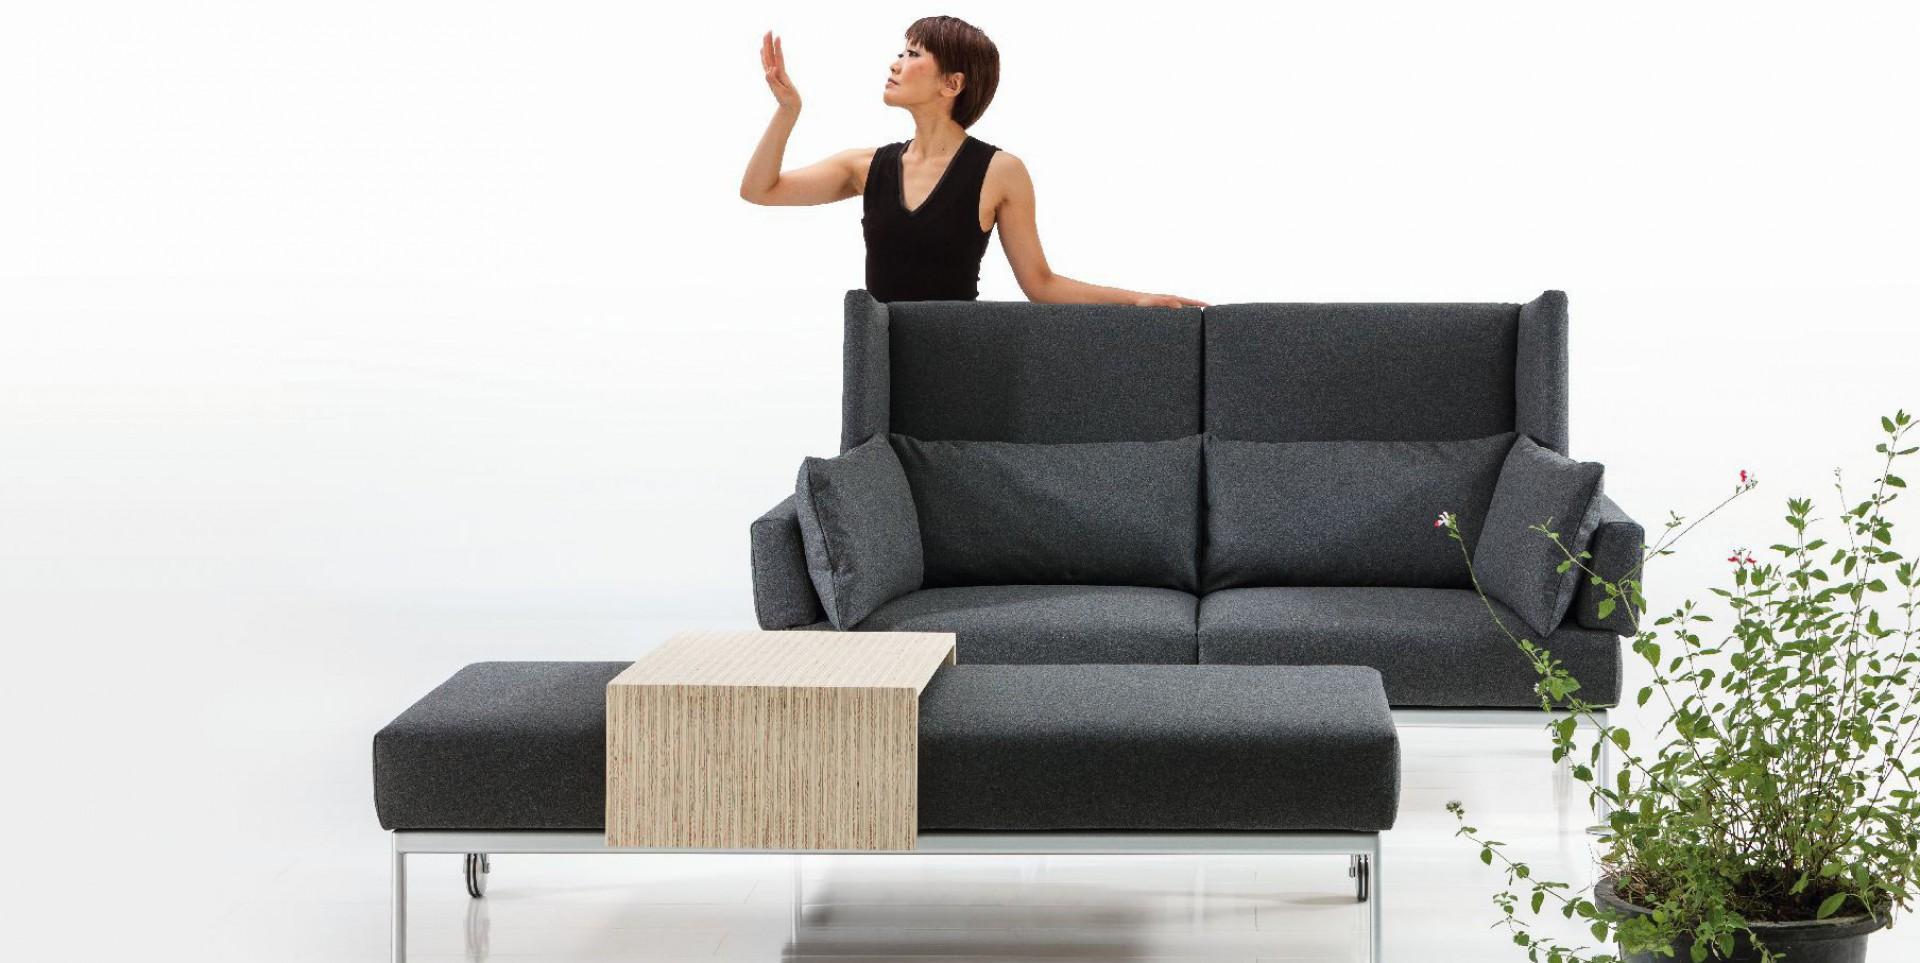 """Sofa """"On Tour"""" to nowość z 2014 roku. Uwagę zwracają wysokie panele boczne. Fot. Brühl"""